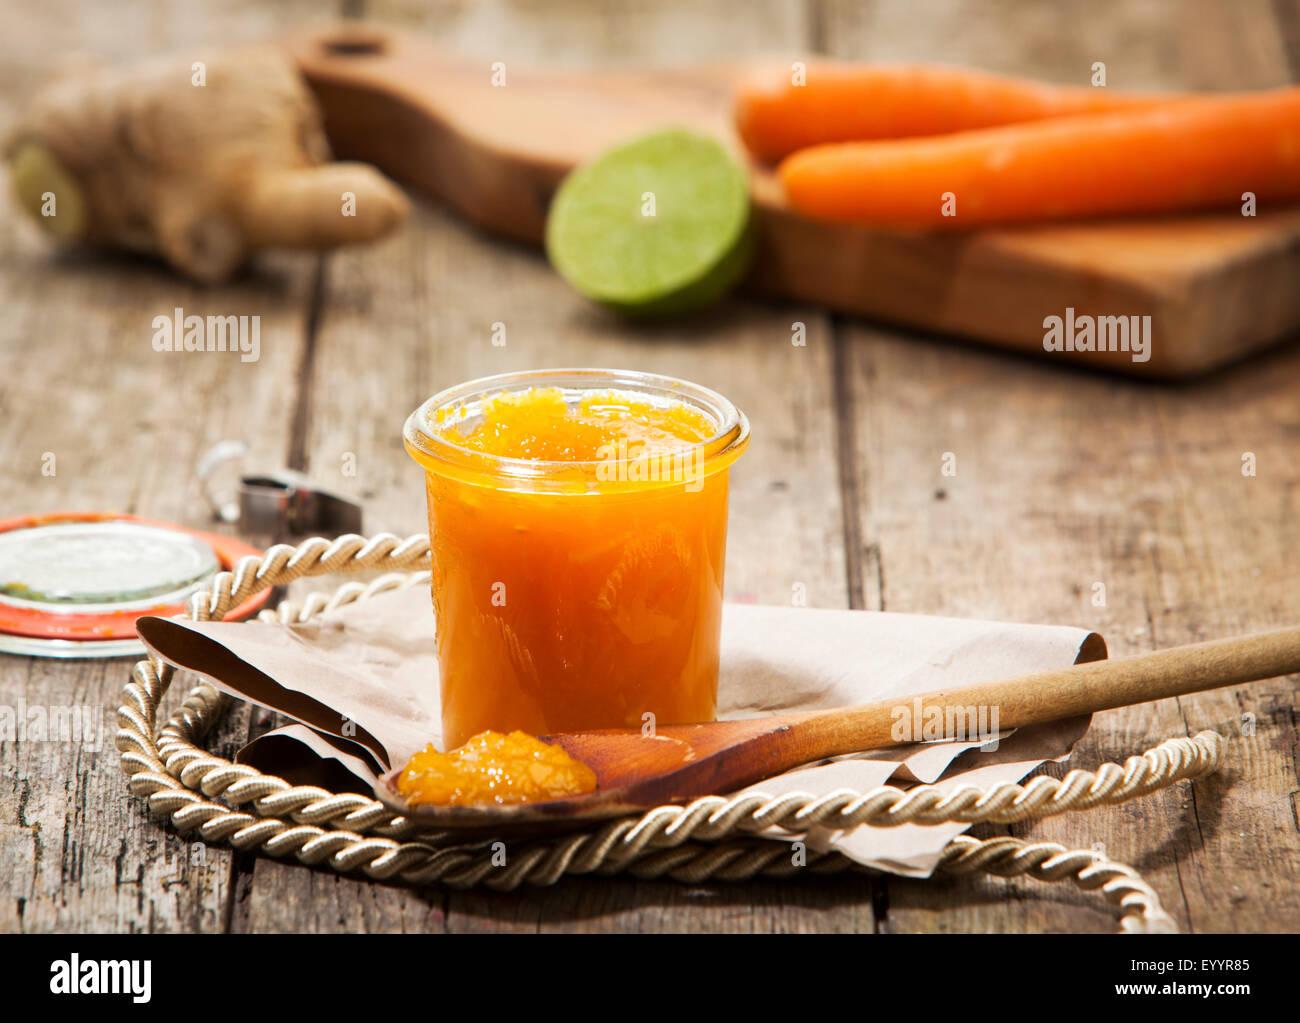 Chutney casero de zanahoria, limón y jengibre en una jarra, ingredientes en segundo plano. Imagen De Stock